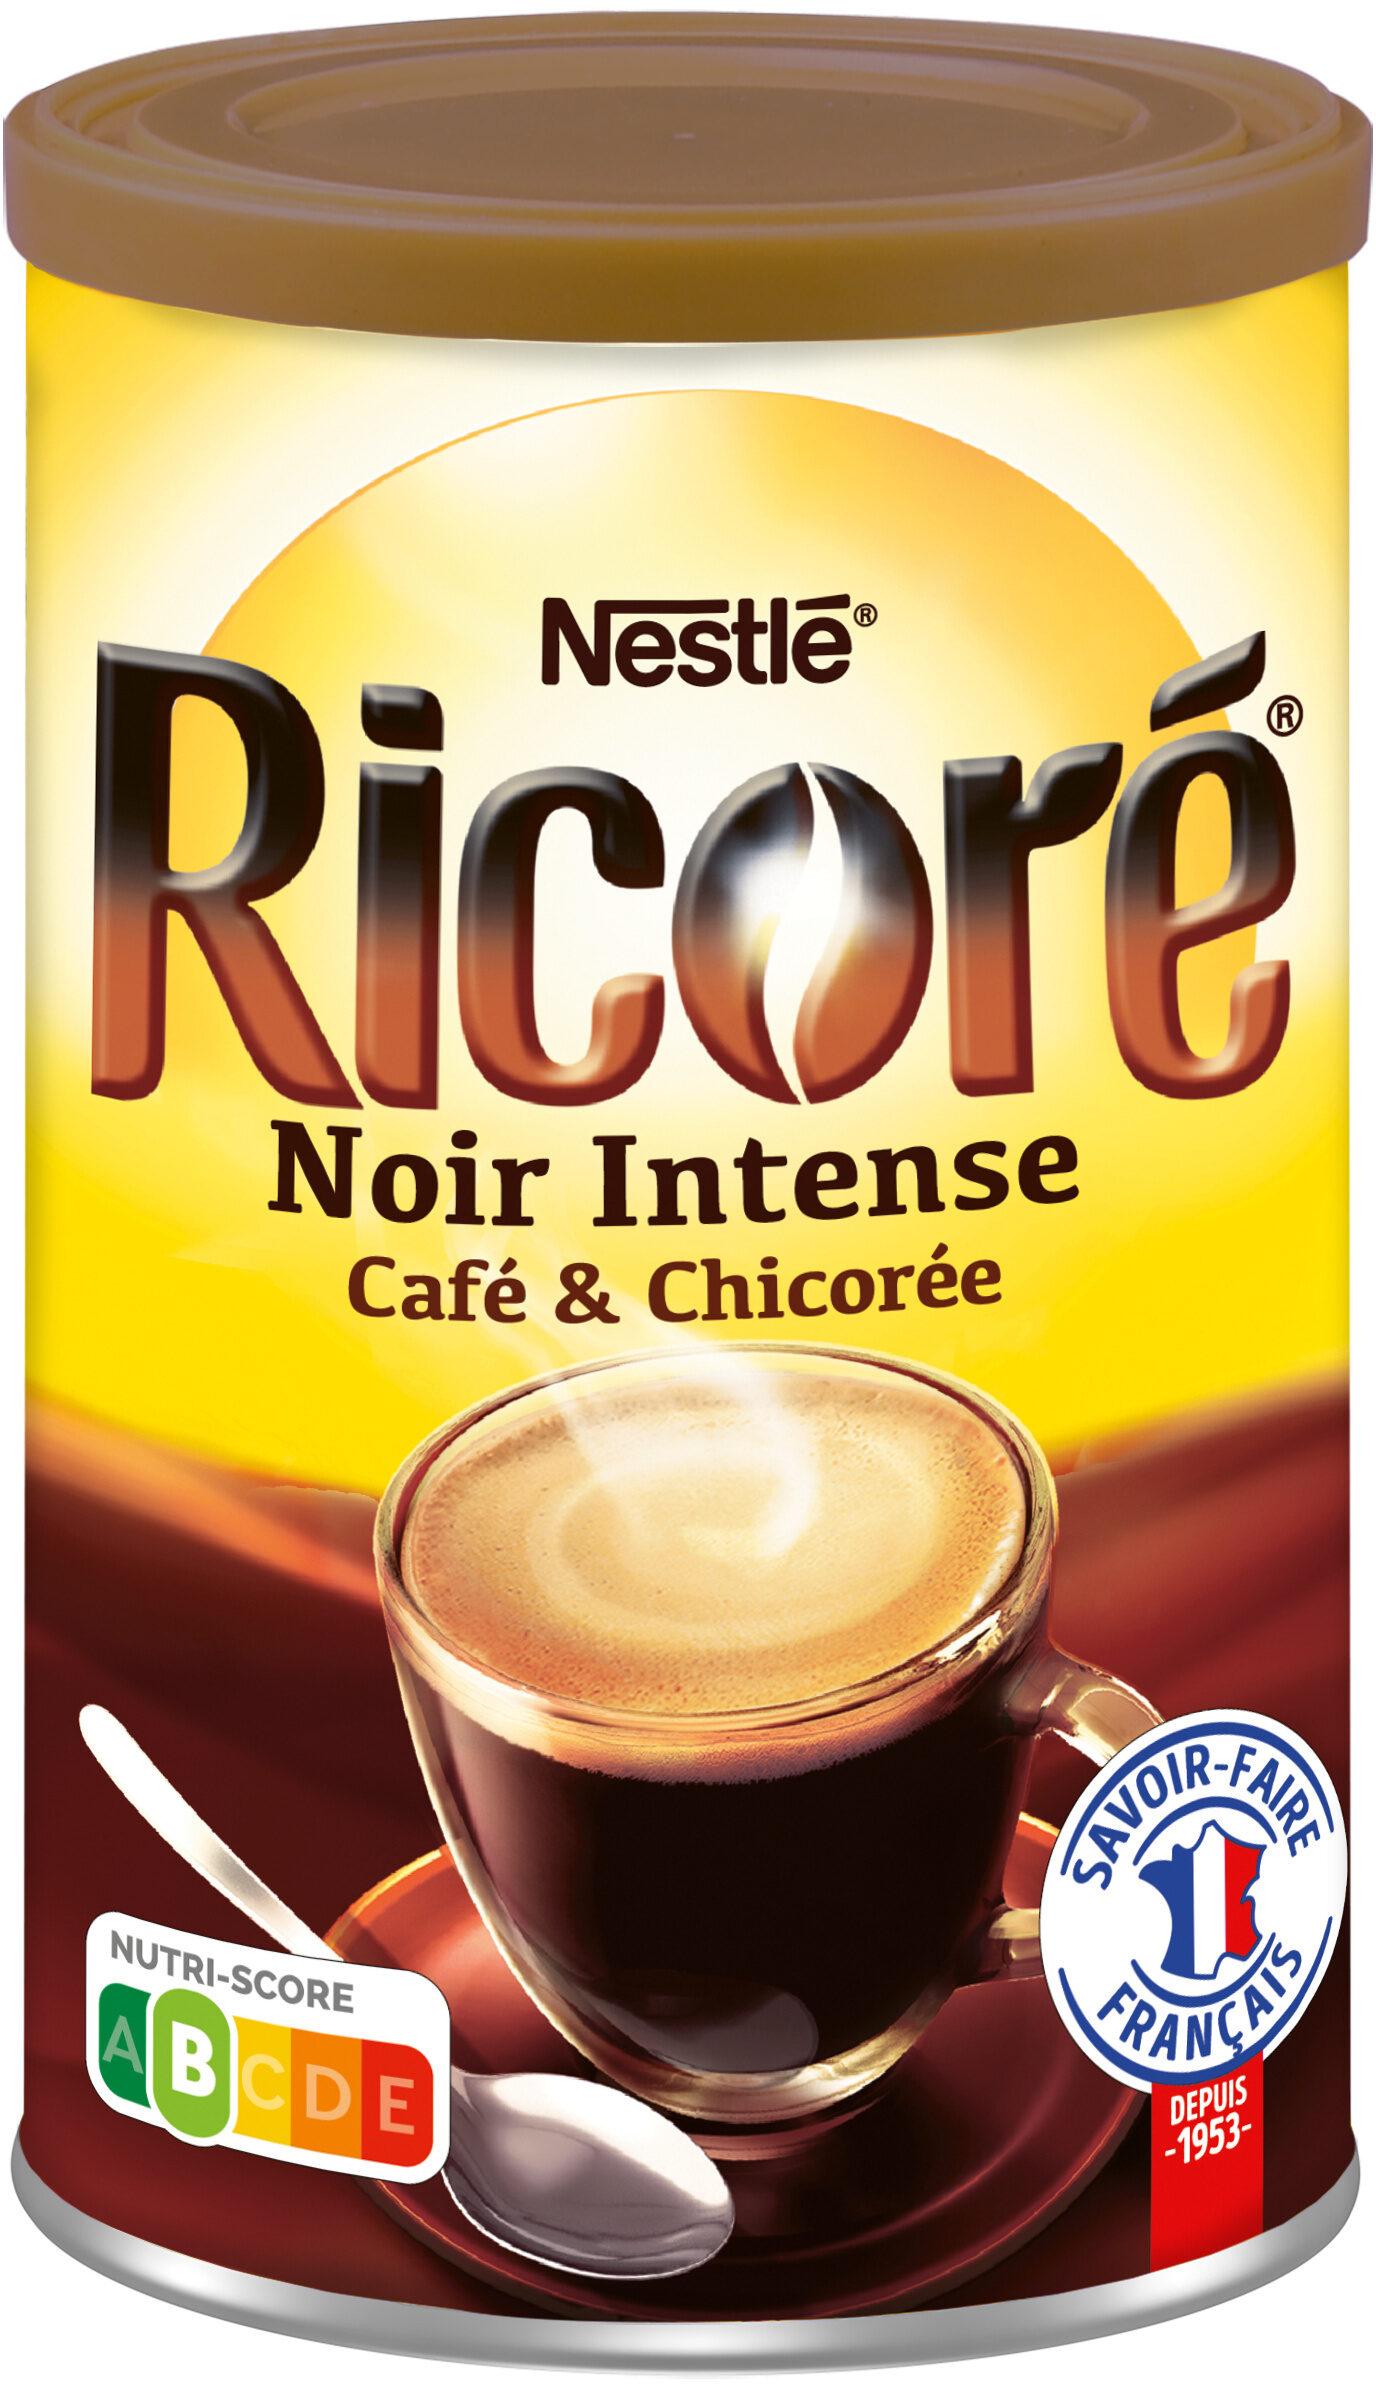 RICORE Noir Intense - Produit - fr